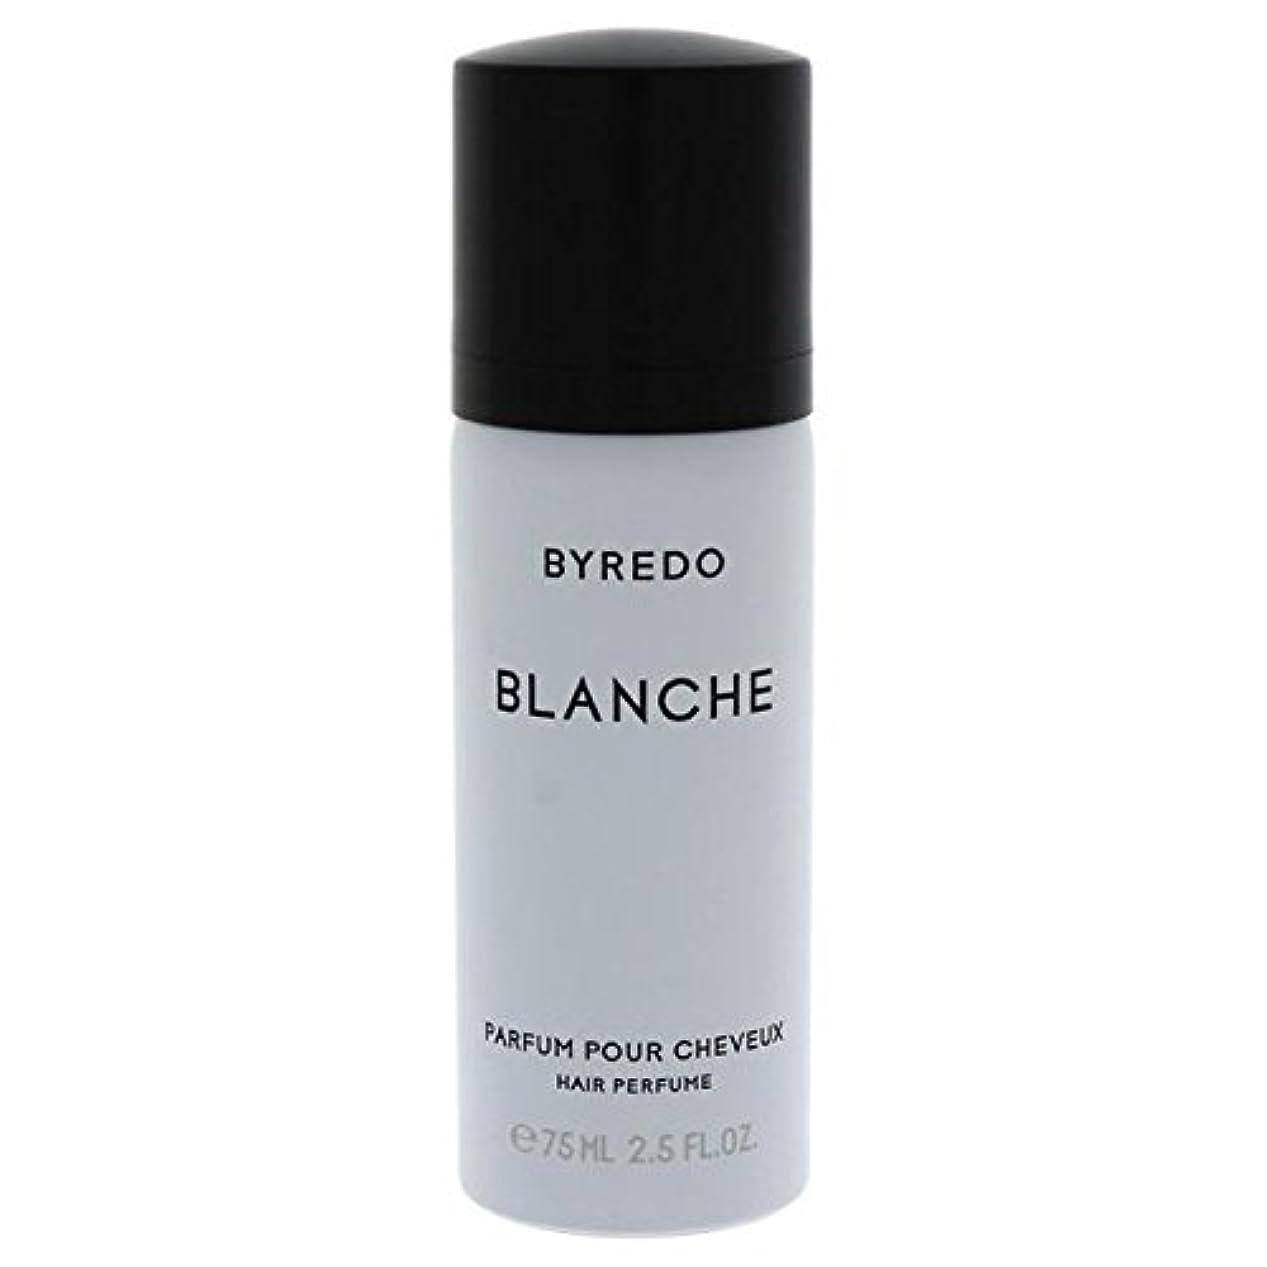 一貫性のない感心する怪しいバレード ブランシュ ヘアパフューム 75ml BYREDO BLANCHE HAIR PERFUME